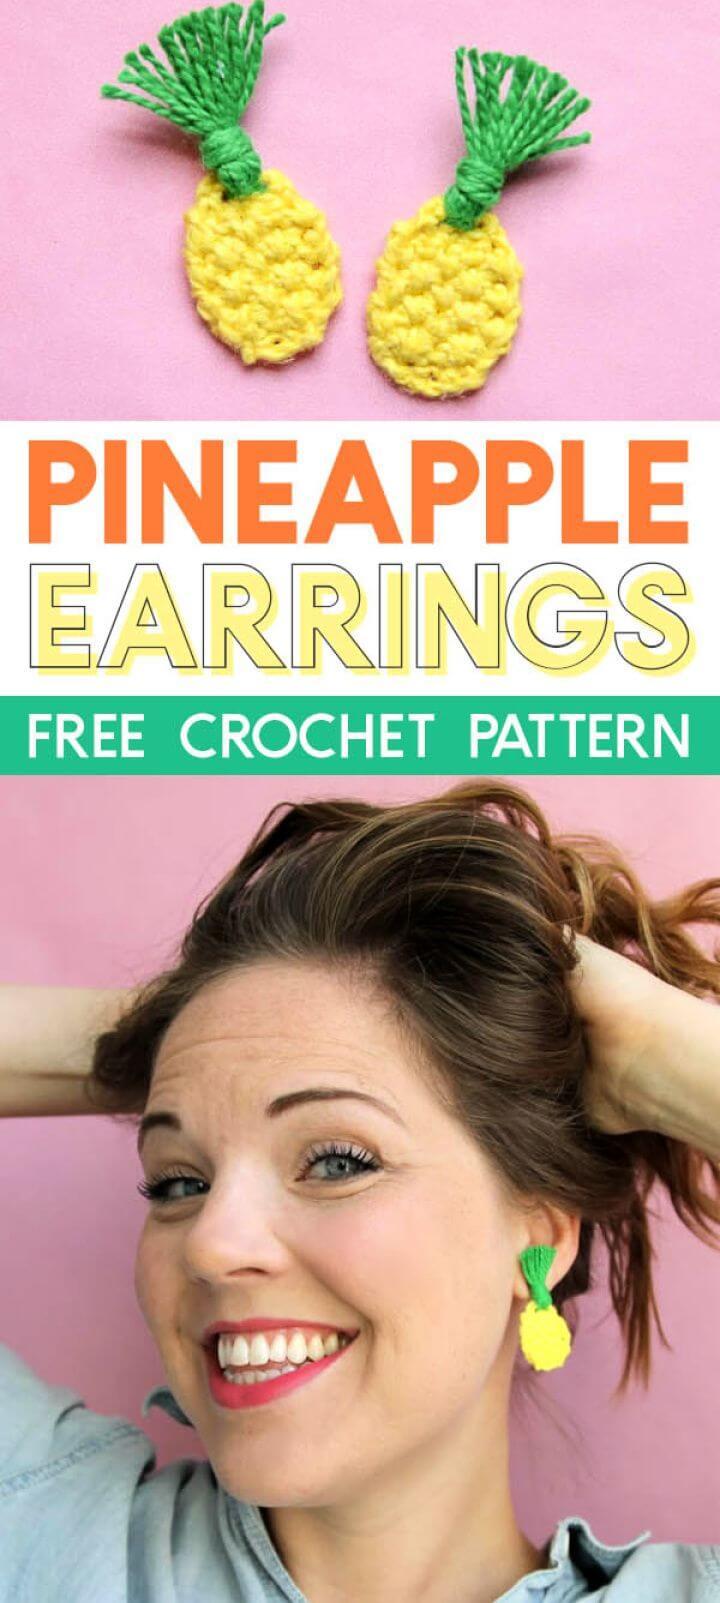 Free Crochet Pineapple Pattern